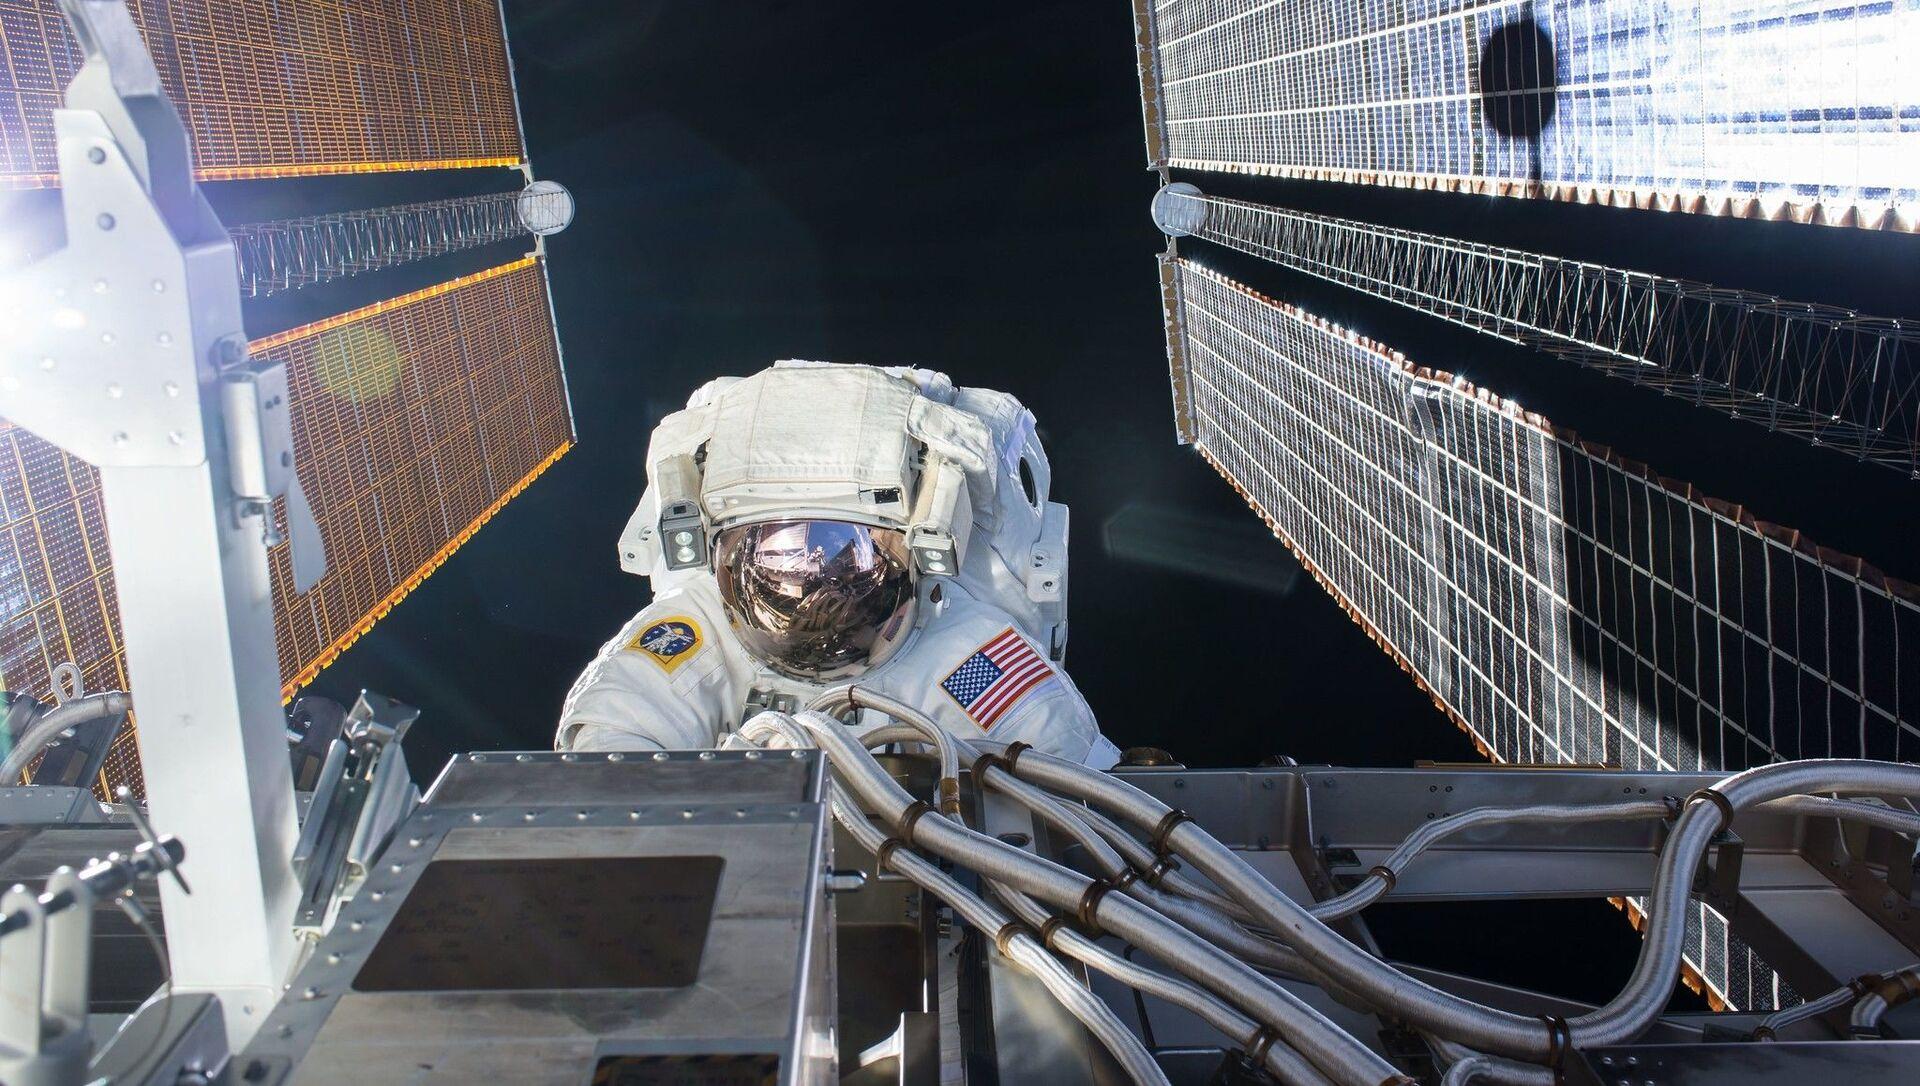 ABD Ulusal Havacılık ve Uzay Dairesi'ne (NASA) bağlı astronotlar, Uluslararası Uzay İstasyonu'nda (ISS) güneş panellerini bakımı ve yükseltme işlemleri için uzay yürüyüşüne çıktı. - Sputnik Türkiye, 1920, 28.02.2021